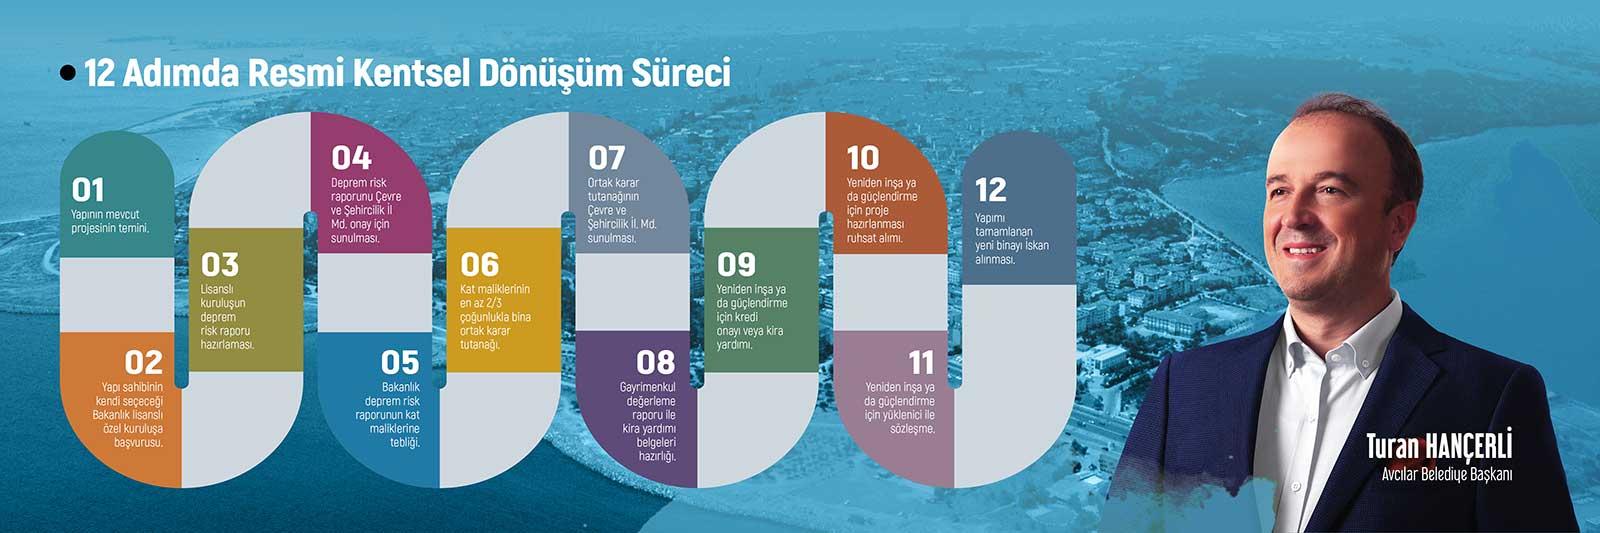 12 Adımda REsmi Kentsel Dönüşüm Modeli